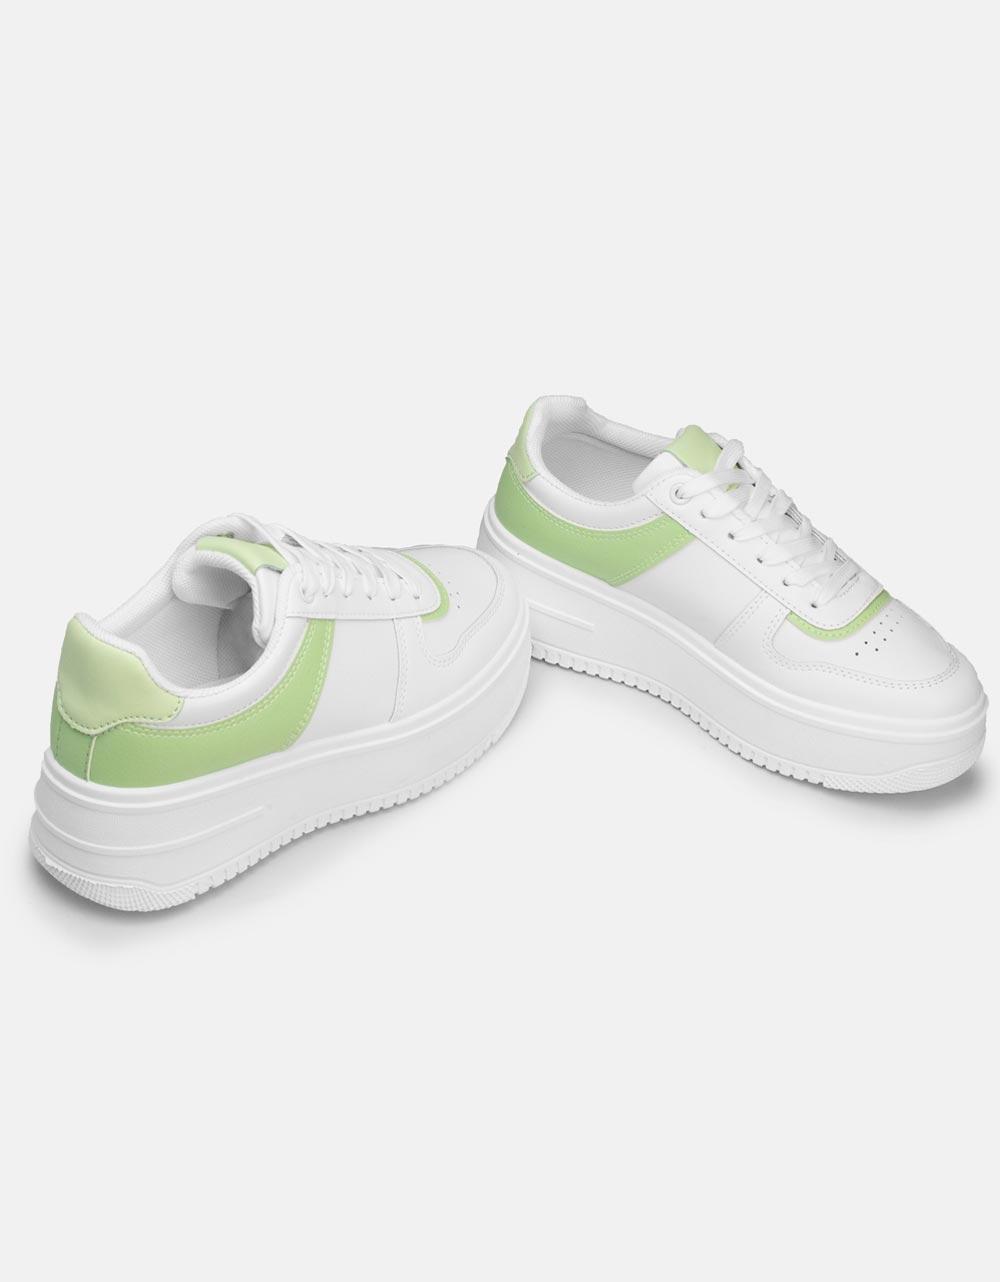 Εικόνα από Γυναικεία sneakers σε συνδυασμούς χρωμάτων Λευκό/Πράσινο